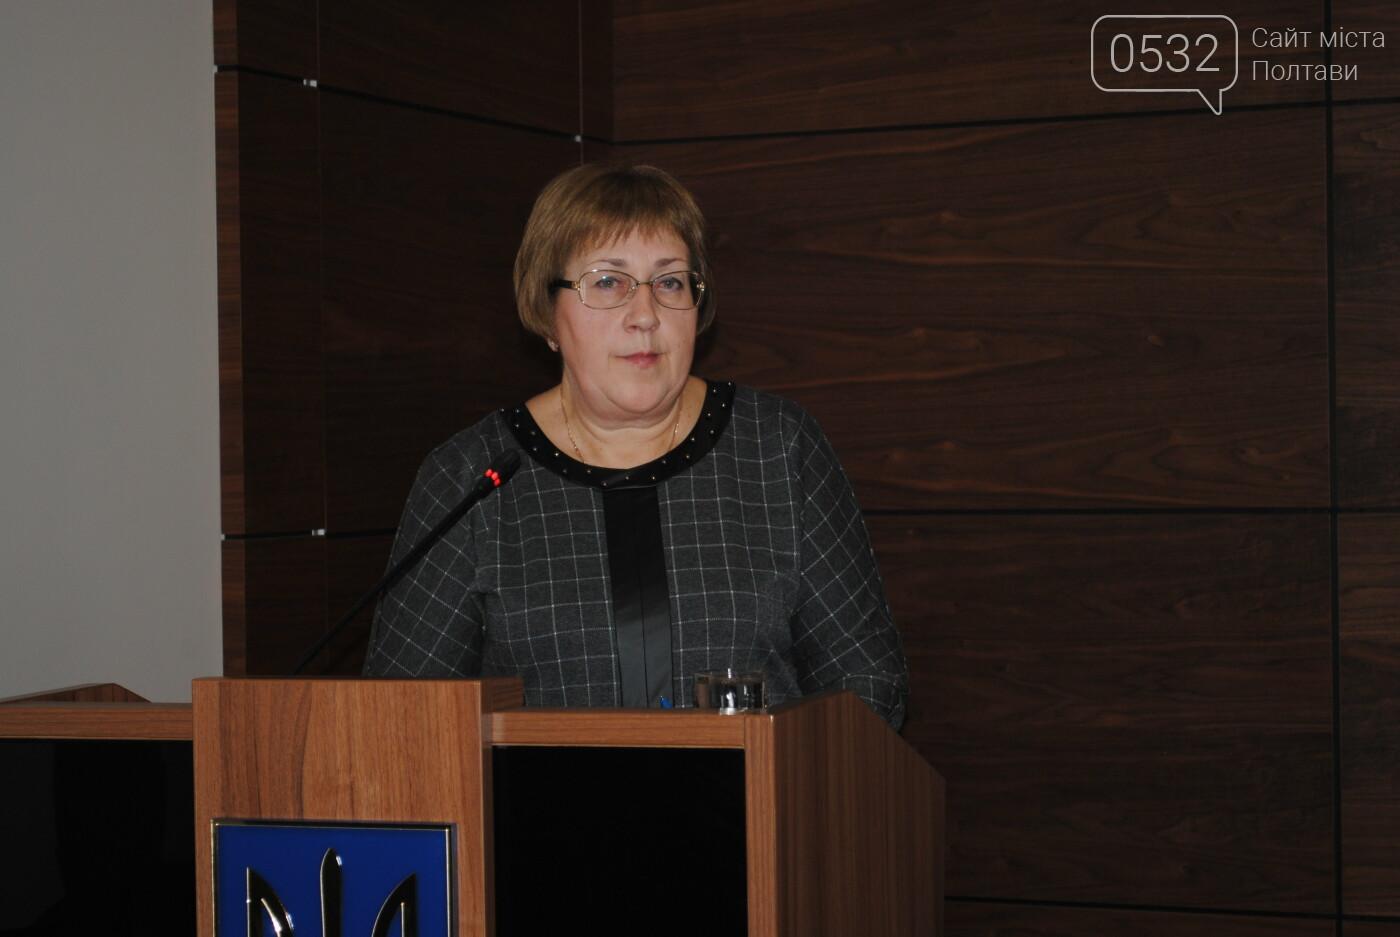 У Полтавській ОДА обговорили проект обласної Програми оздоровлення та відпочинку дітей на 2020-2024 роки, фото-2